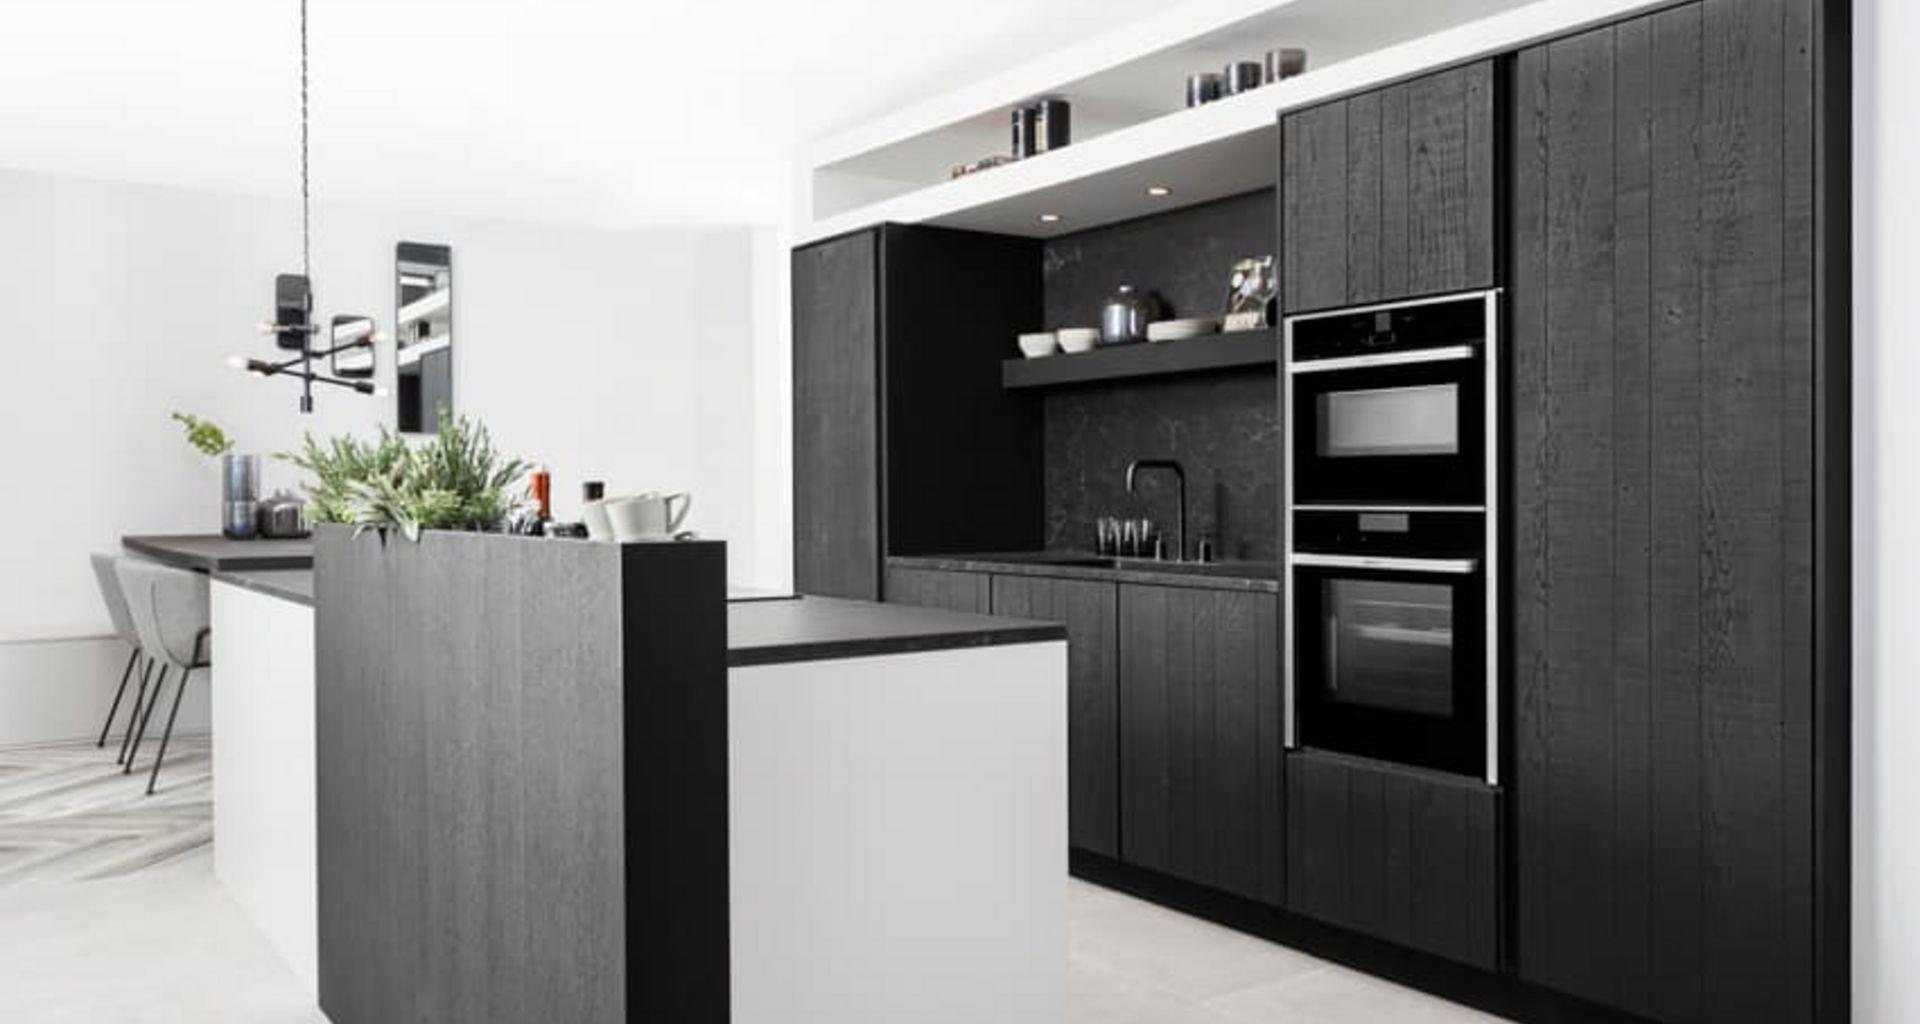 Keuken met keramieken blad